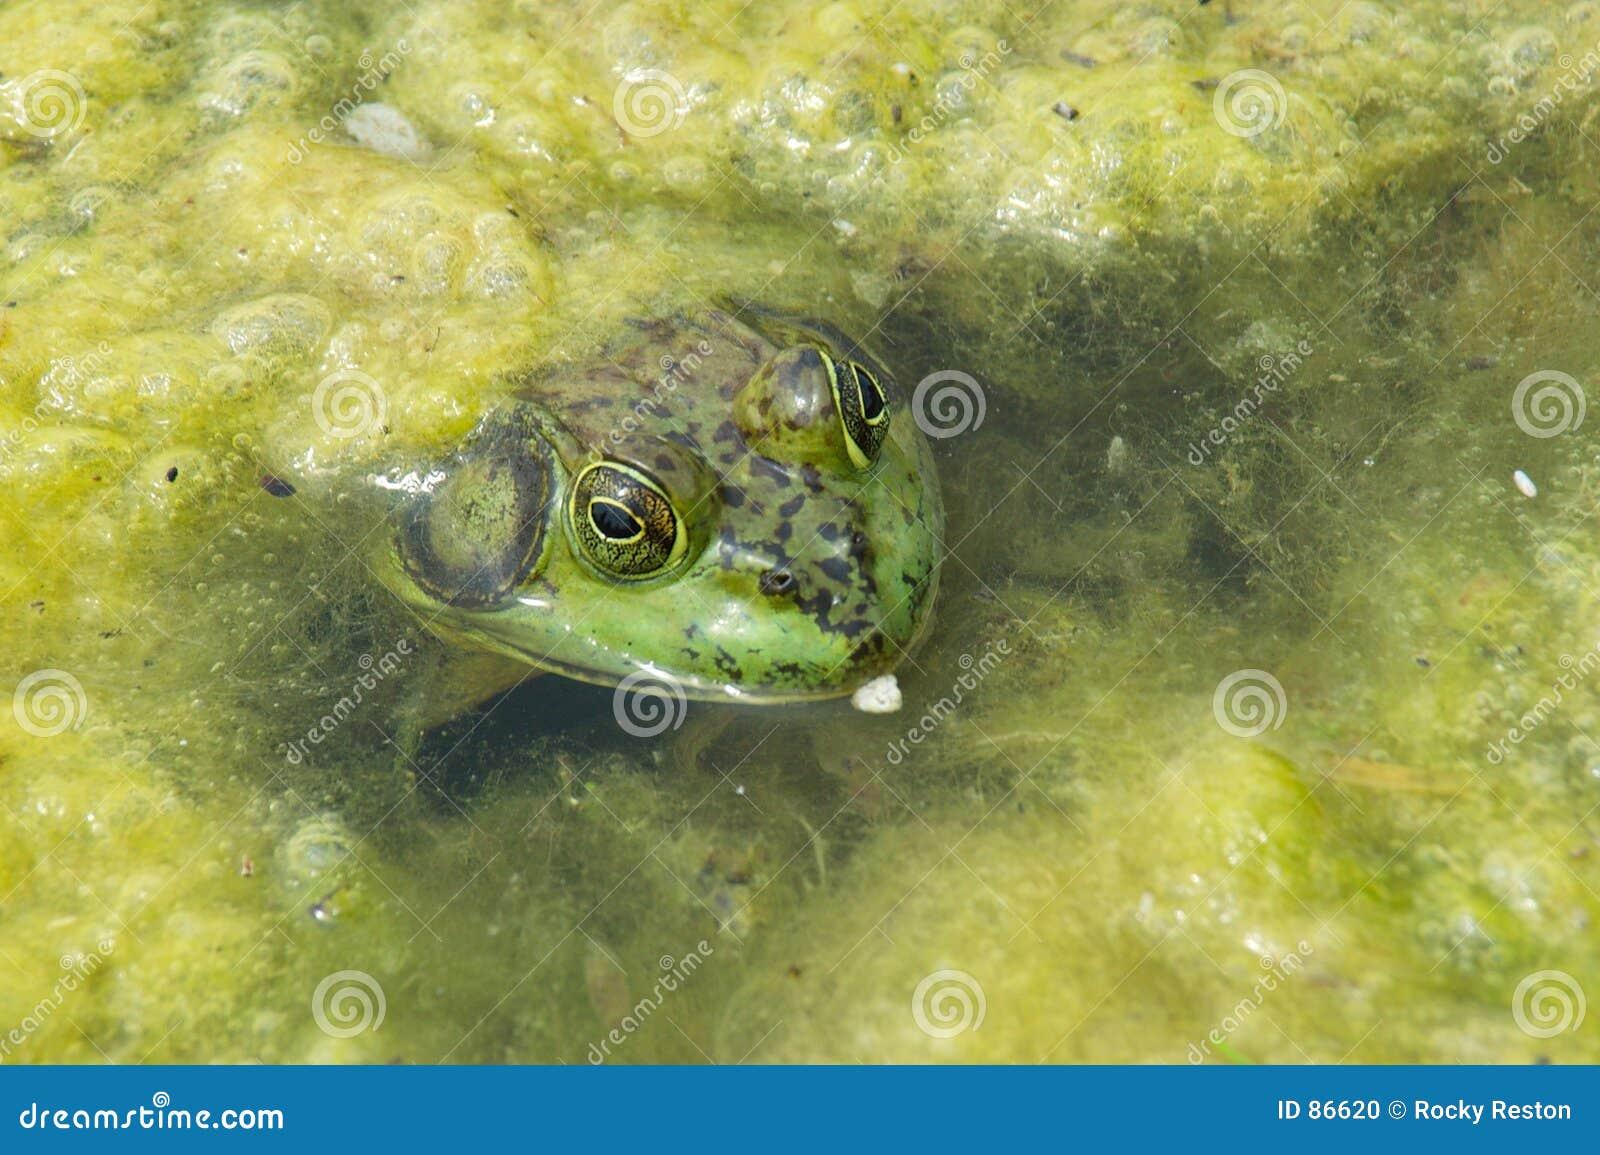 Frosch im Abschaum